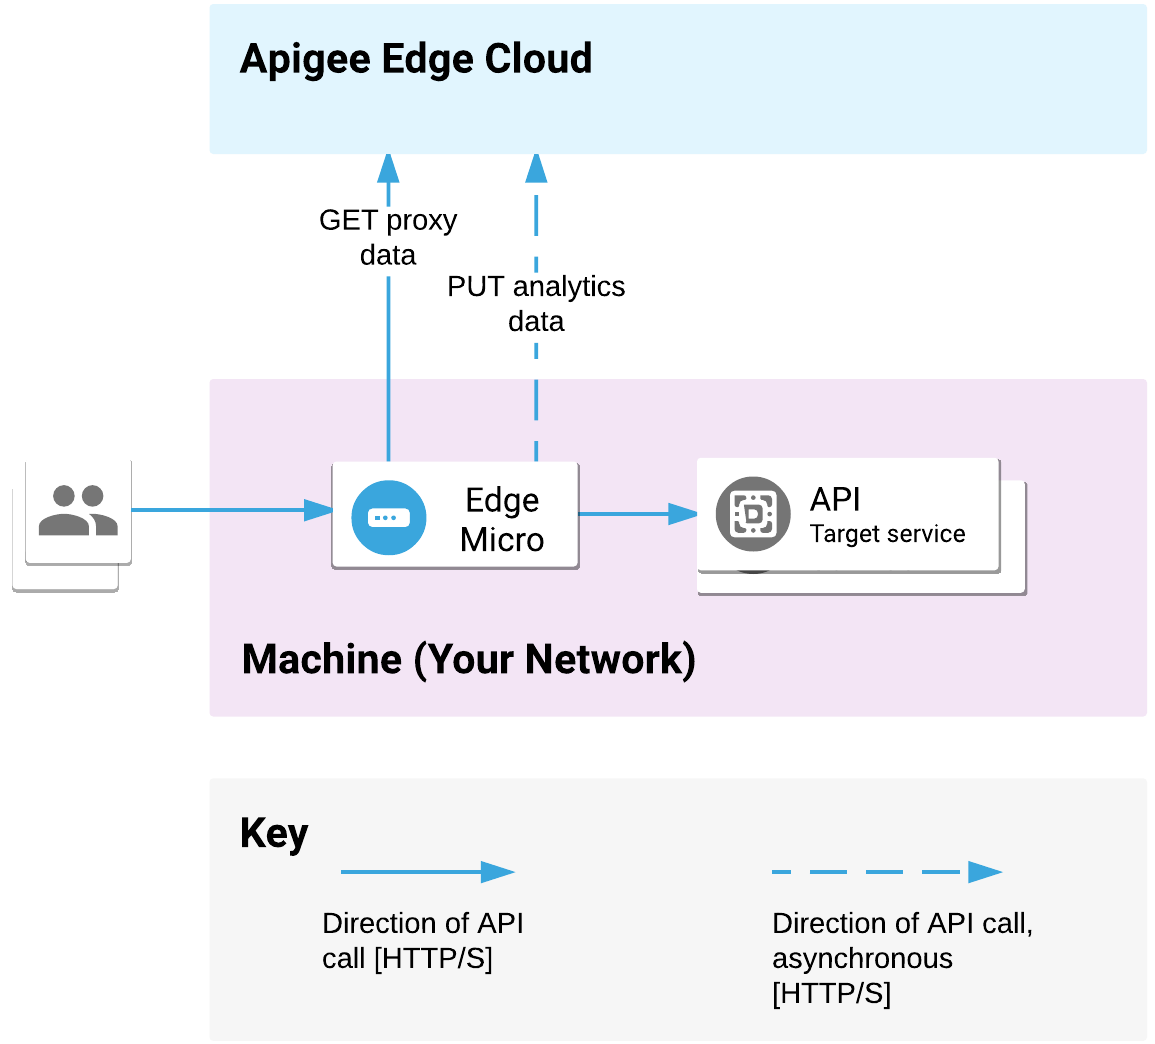 Edge Microgateway をネットワーク上にデプロイします。これはクライアントからの API リクエストを処理し、ターゲット サービスを呼び出します。Apigee Edge Cloud との間でプロキシと分析のデータをやり取りします。